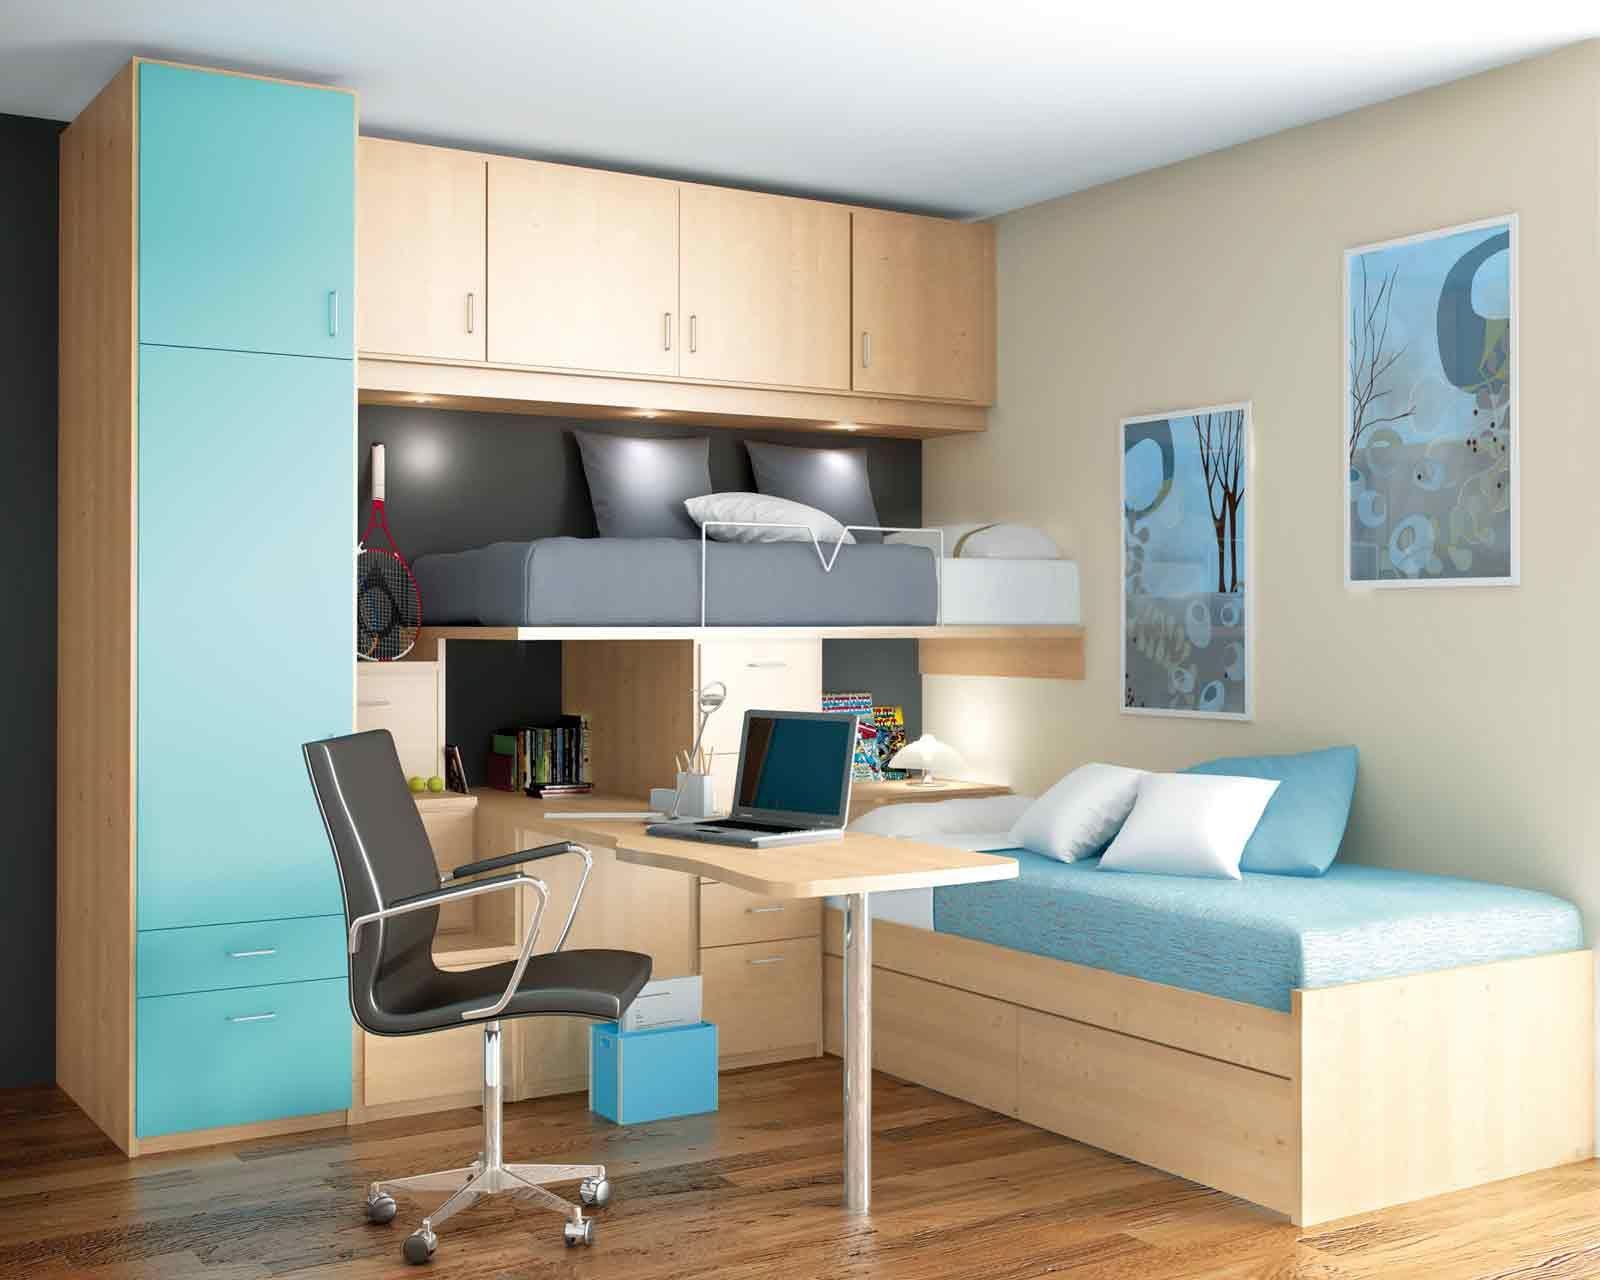 Habitaciones y dormitorios infantiles y juveniles dom for Muebles refolio dormitorios juveniles